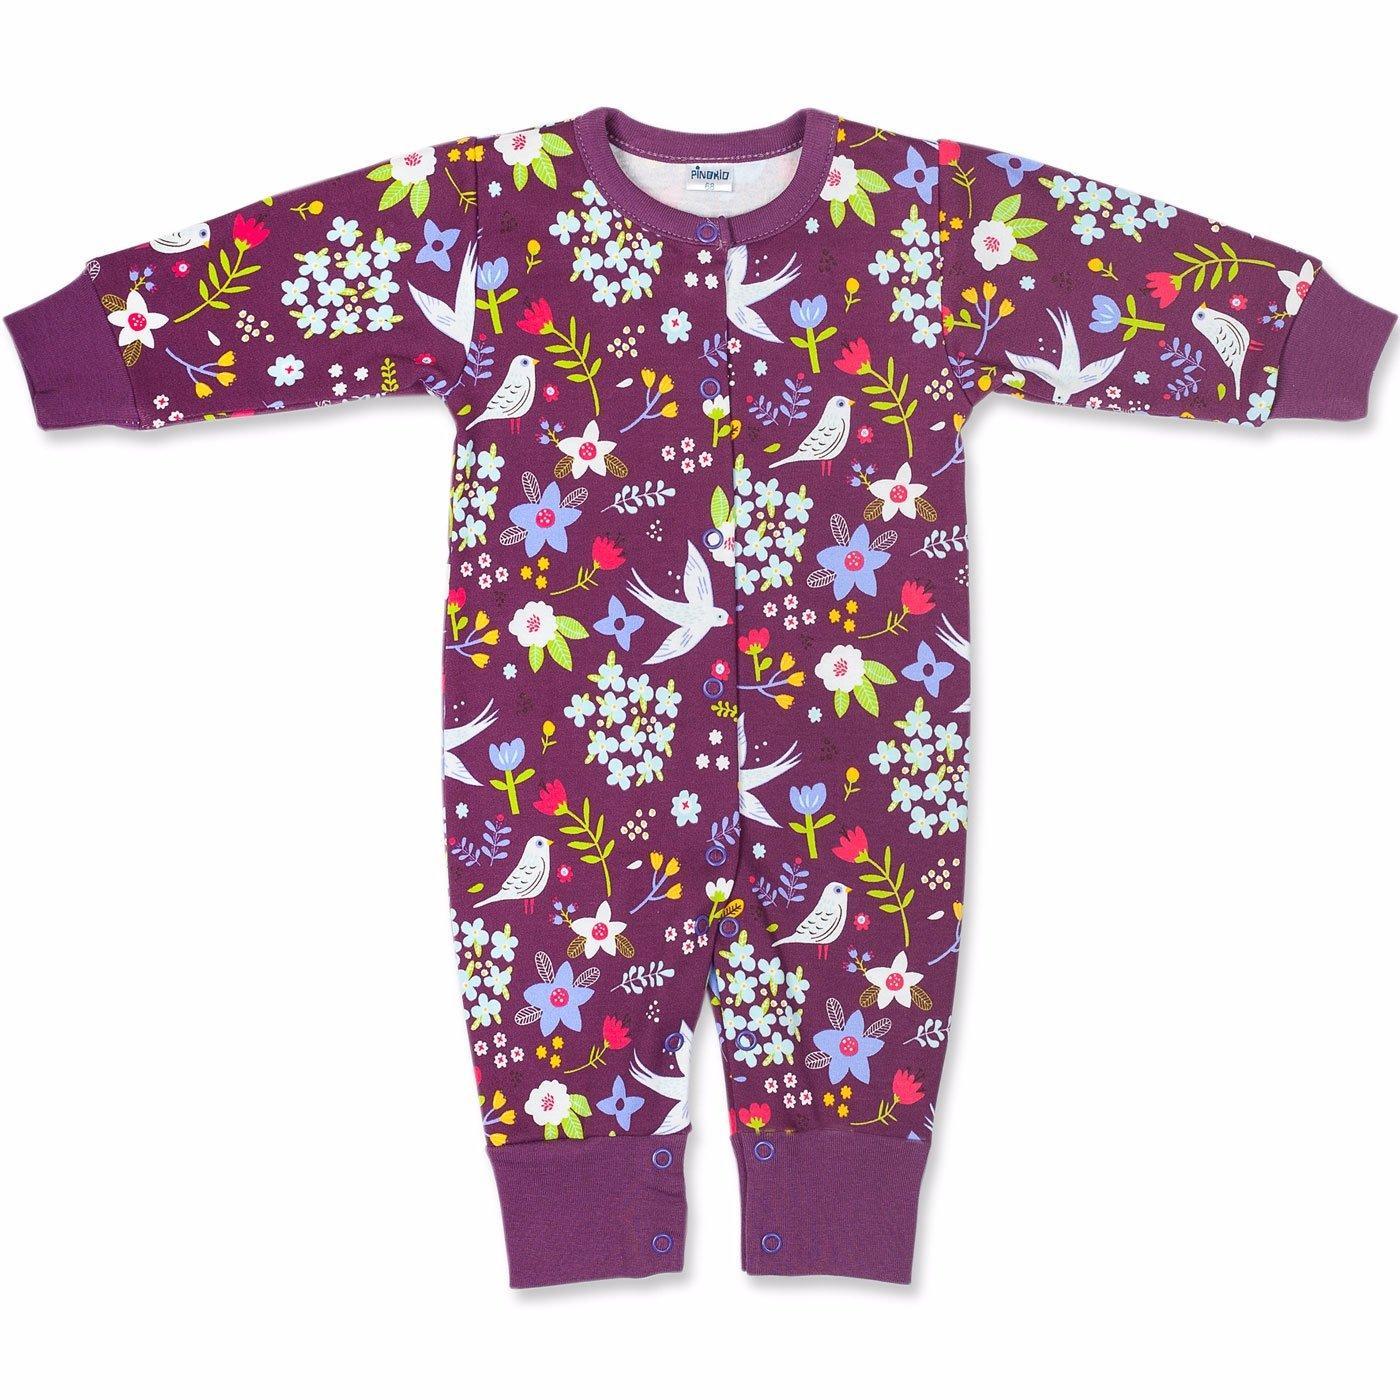 677354b97070 Detské oblečenie za super ceny · fotoportrét. storkshop • Späť na album.  None. 13   20